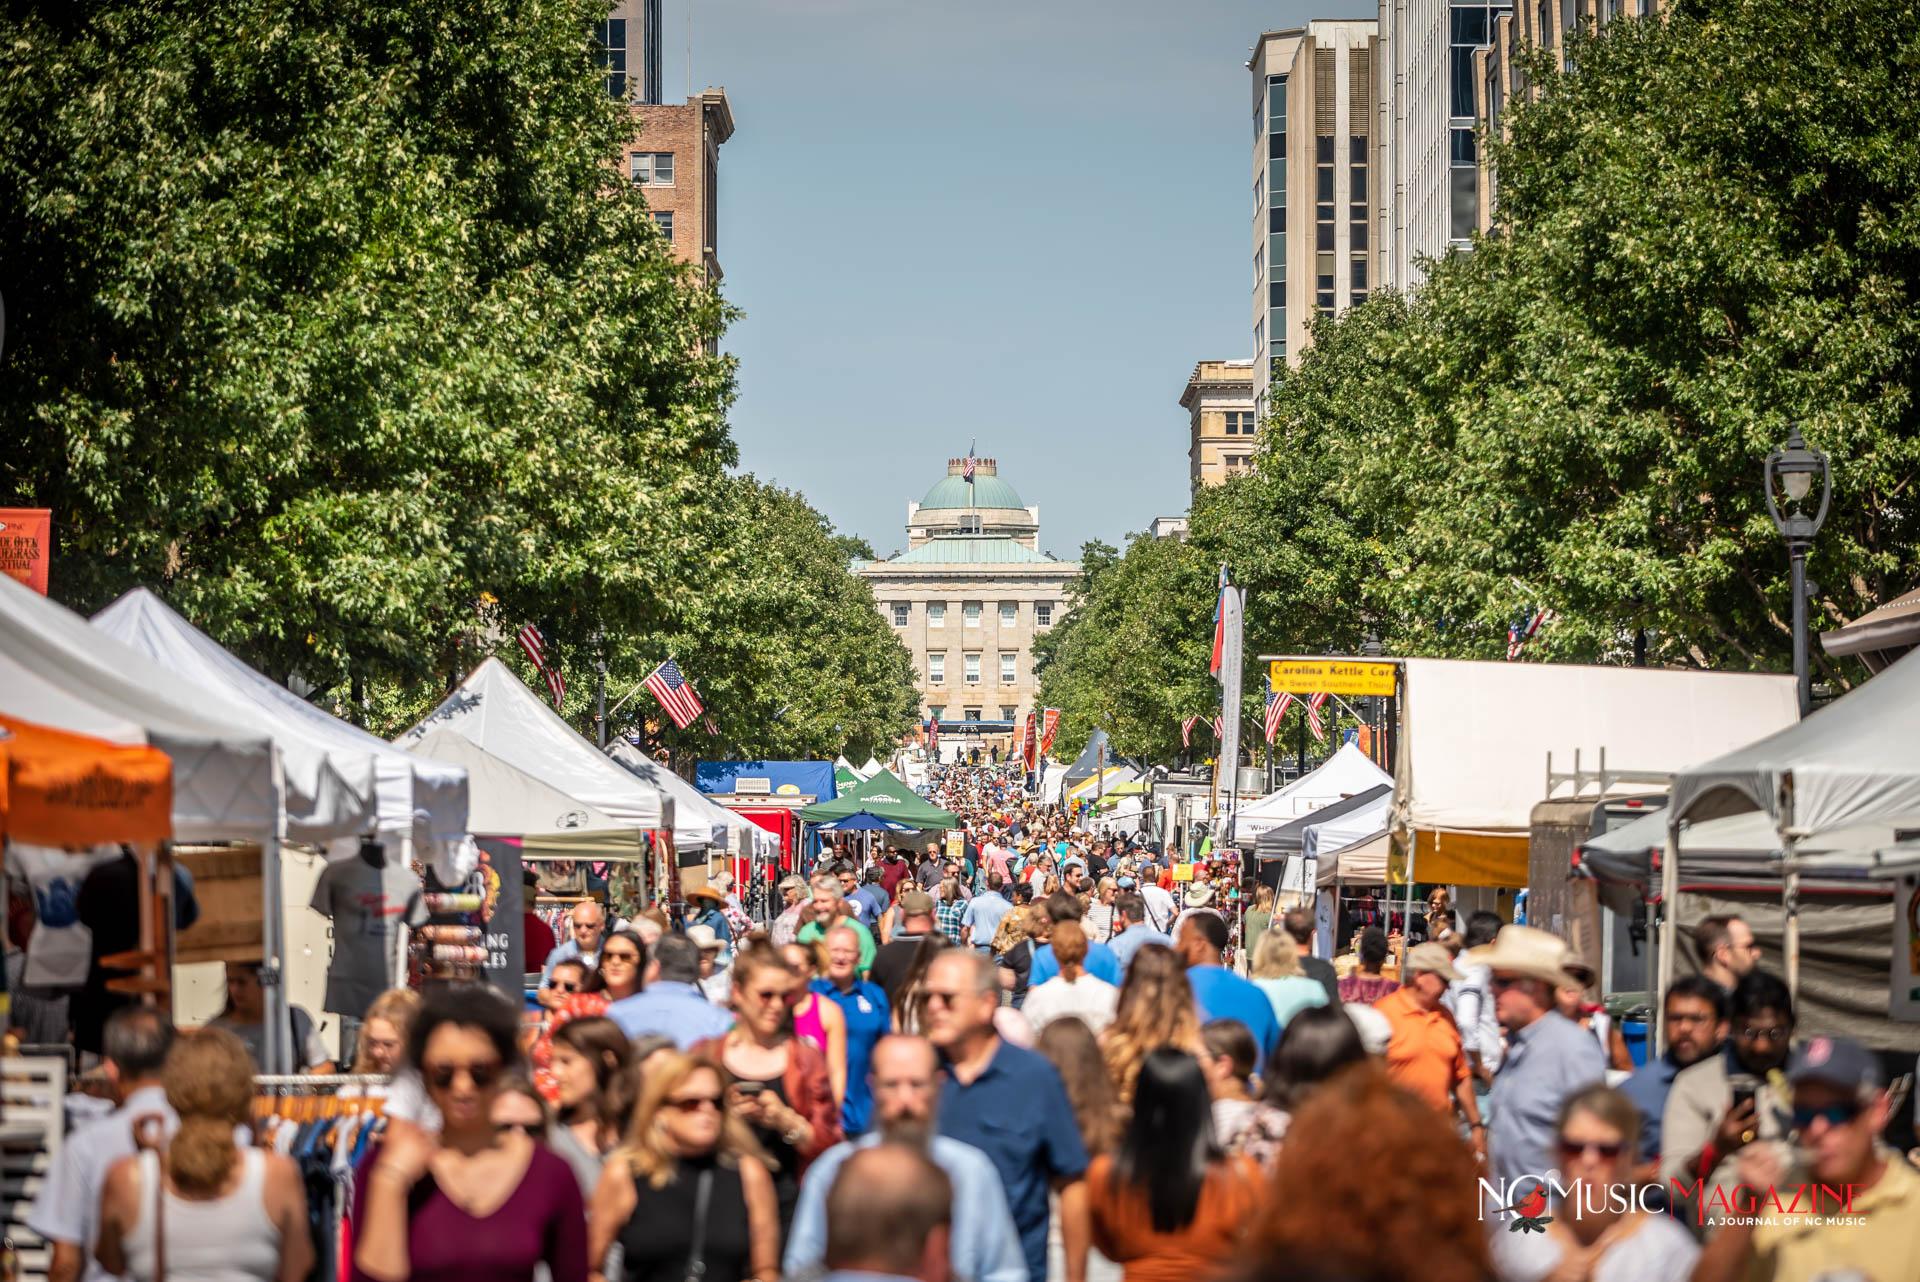 Streetfest 2019 - Festival Life 3.jpg